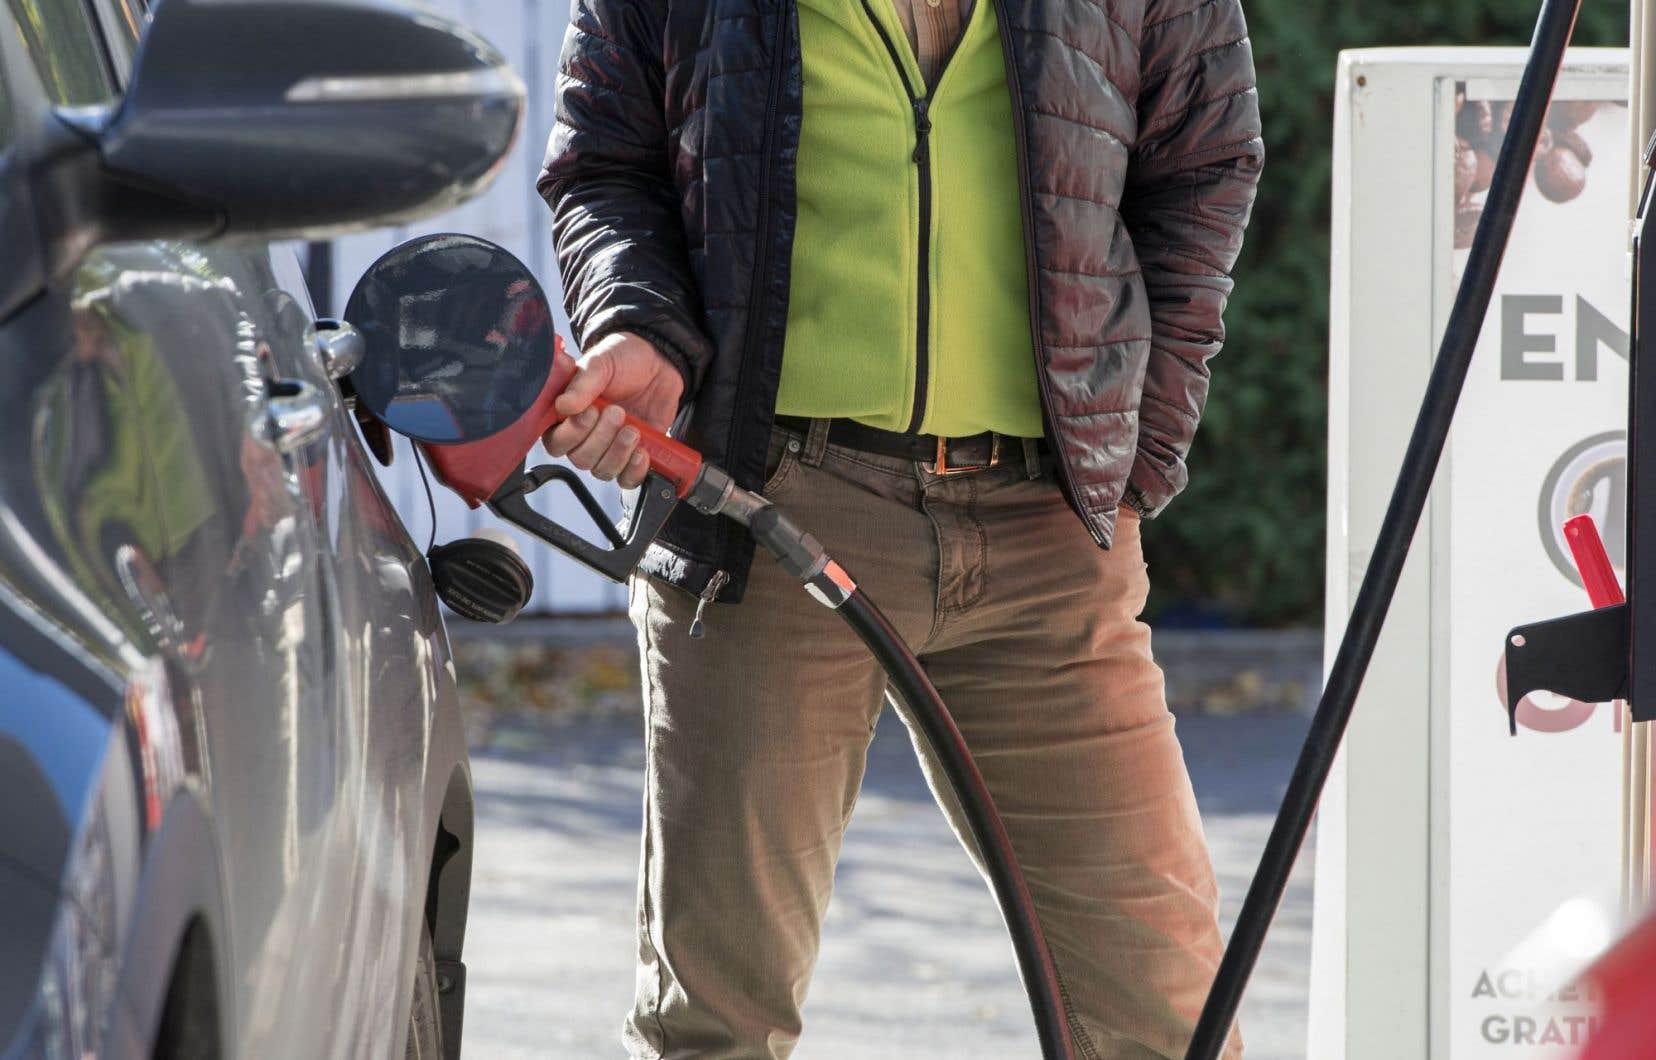 La taxe carbone qui s'appliquera sur l'essence sera de 2,33 cents le litre en 2018. Elle grimpera jusqu'à 11,63 cents le litre en 2022.